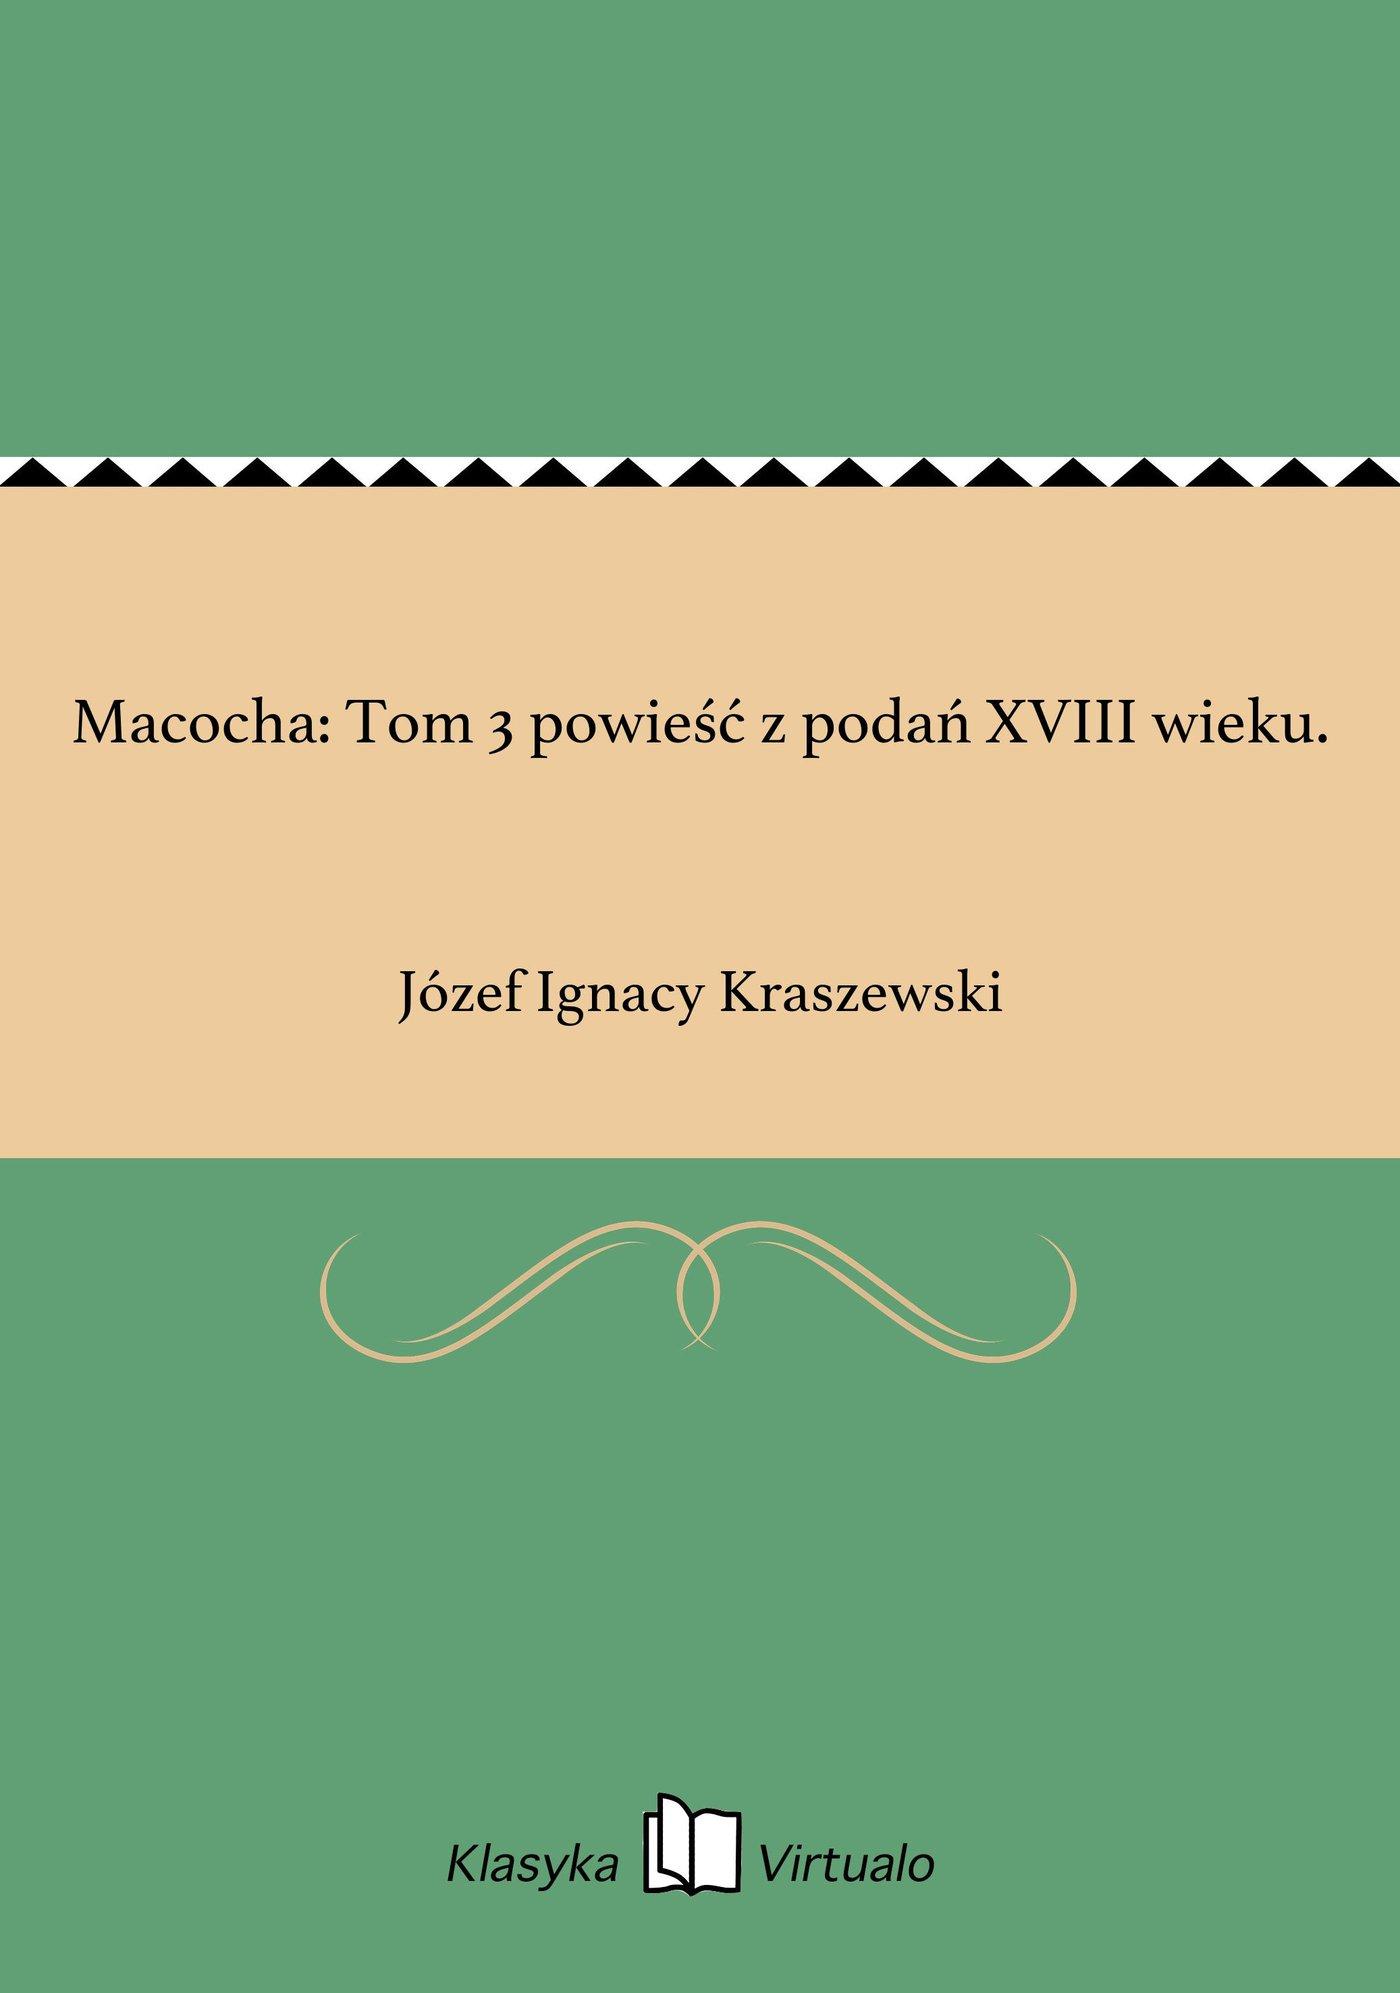 Macocha: Tom 3 powieść z podań XVIII wieku. - Ebook (Książka na Kindle) do pobrania w formacie MOBI